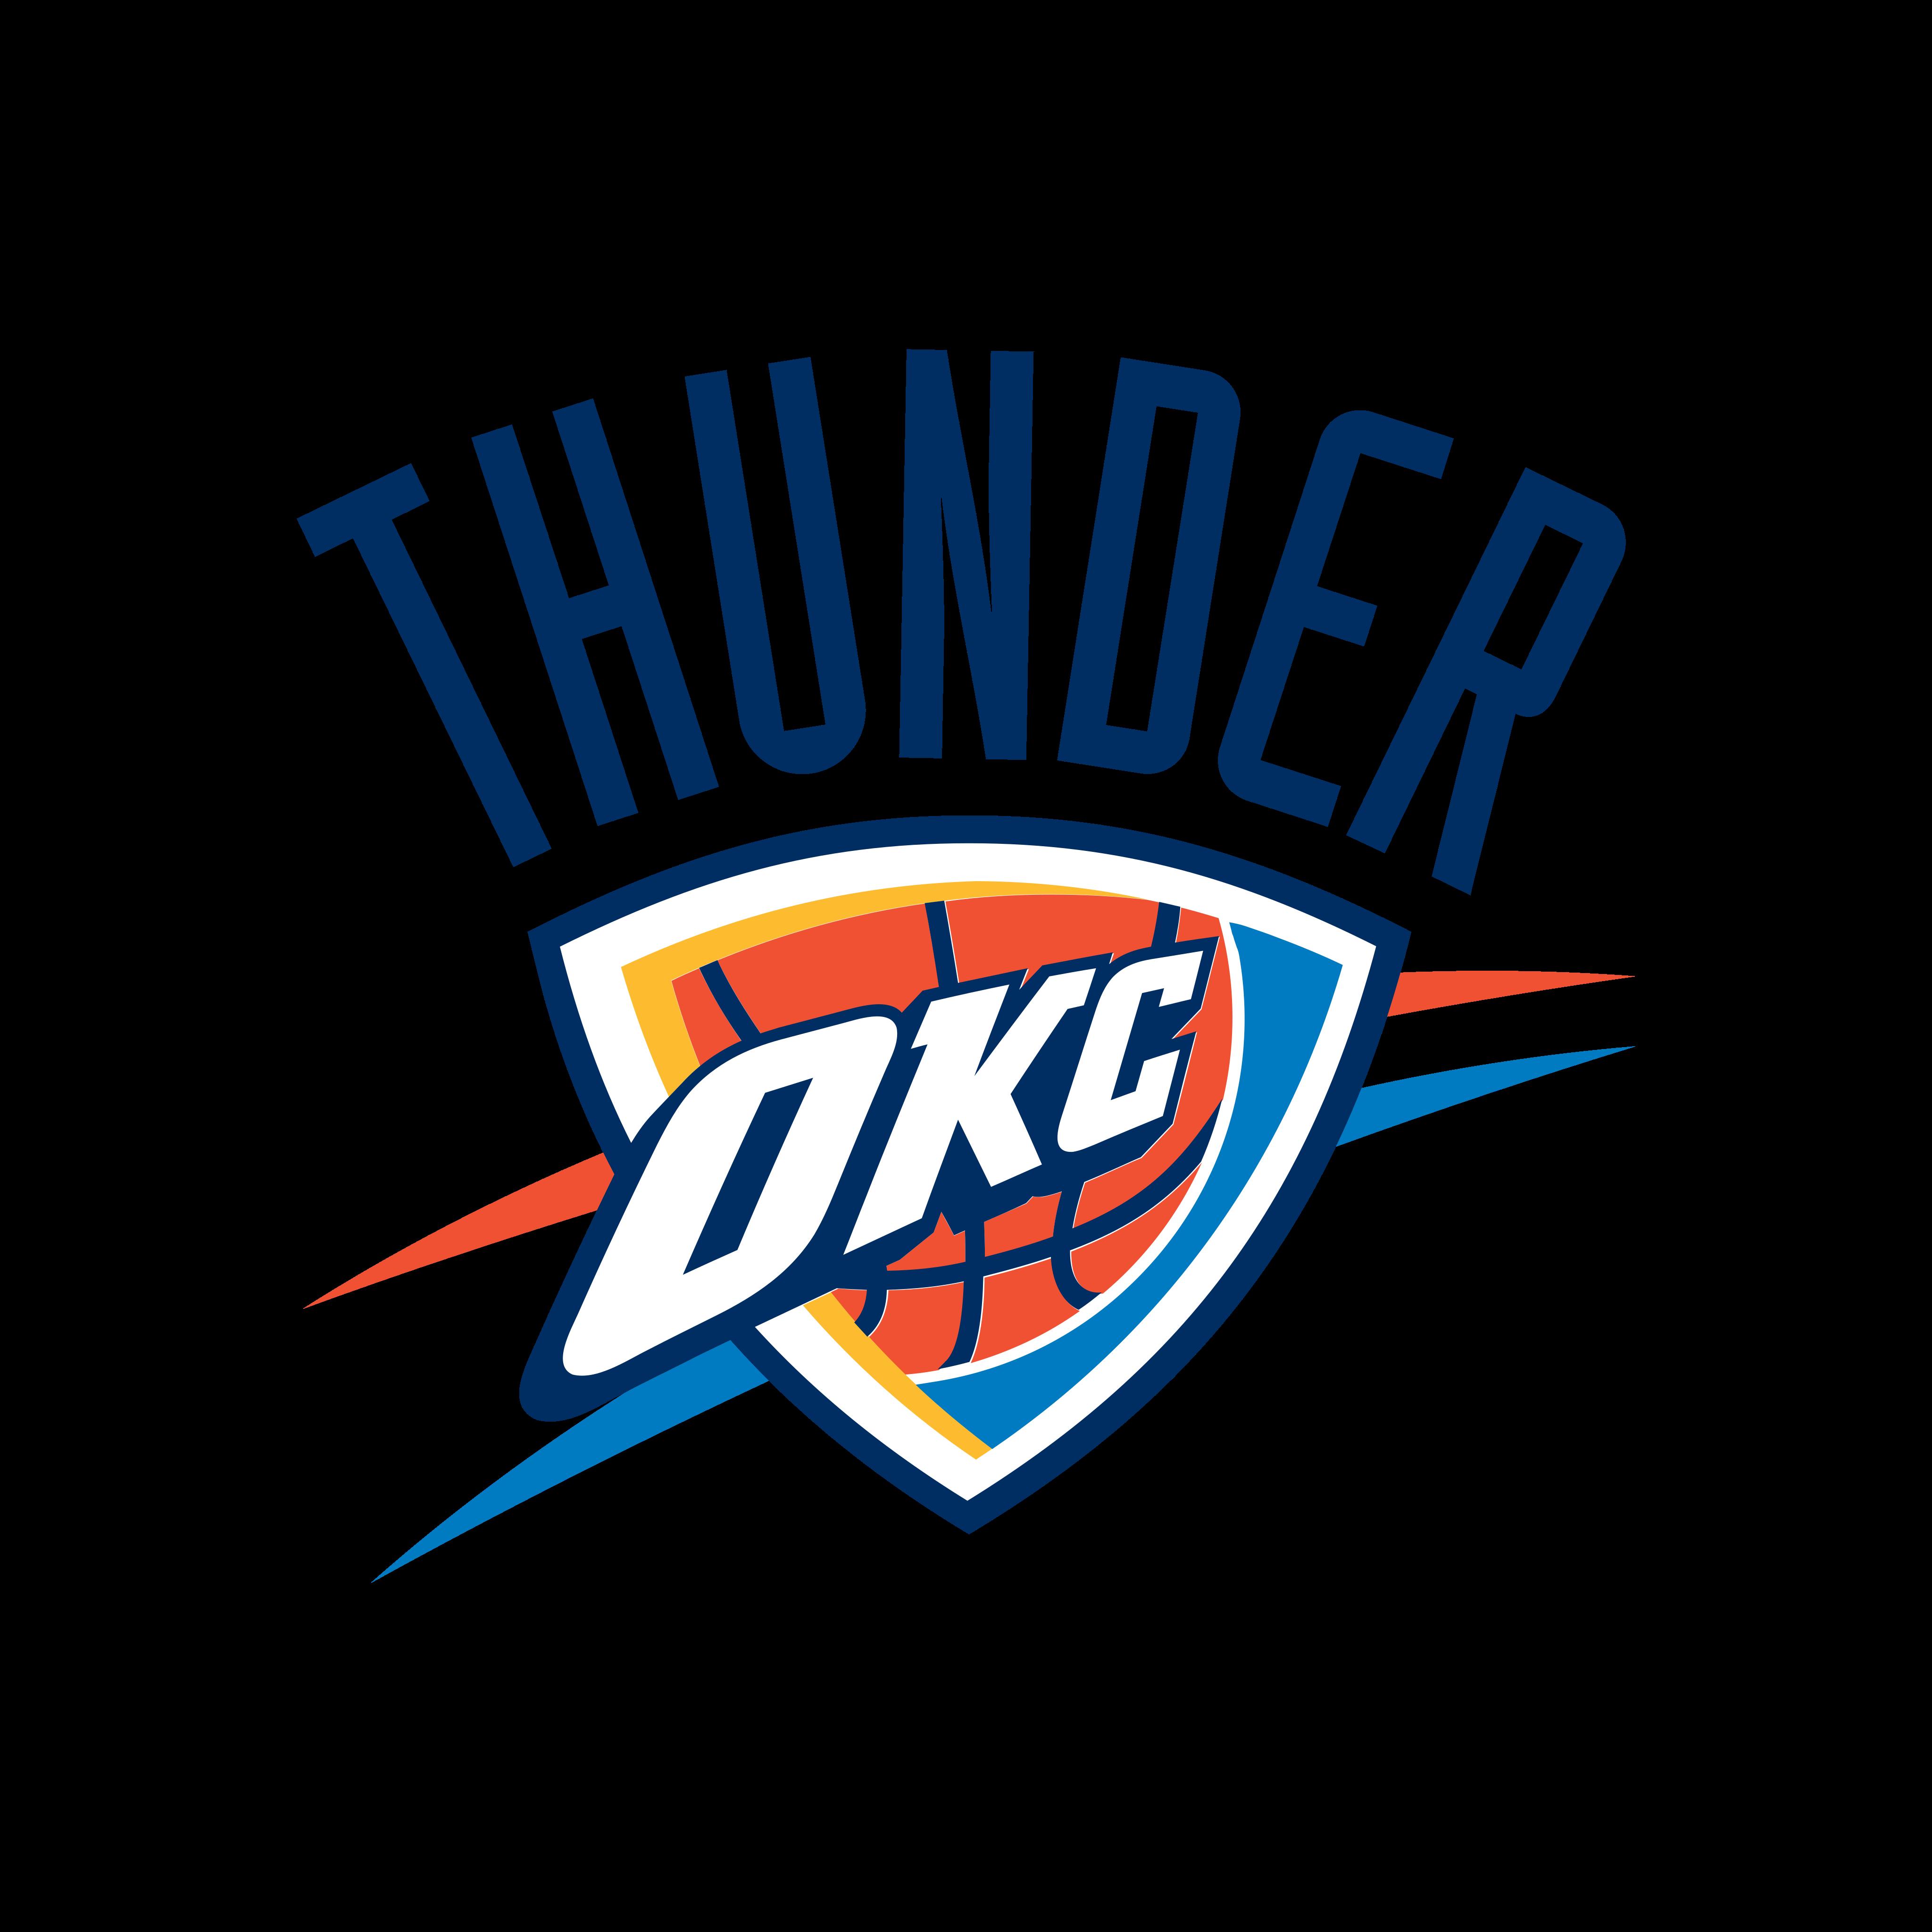 oklahoma city thunder logo 0 - Oklahoma City Thunder Logo